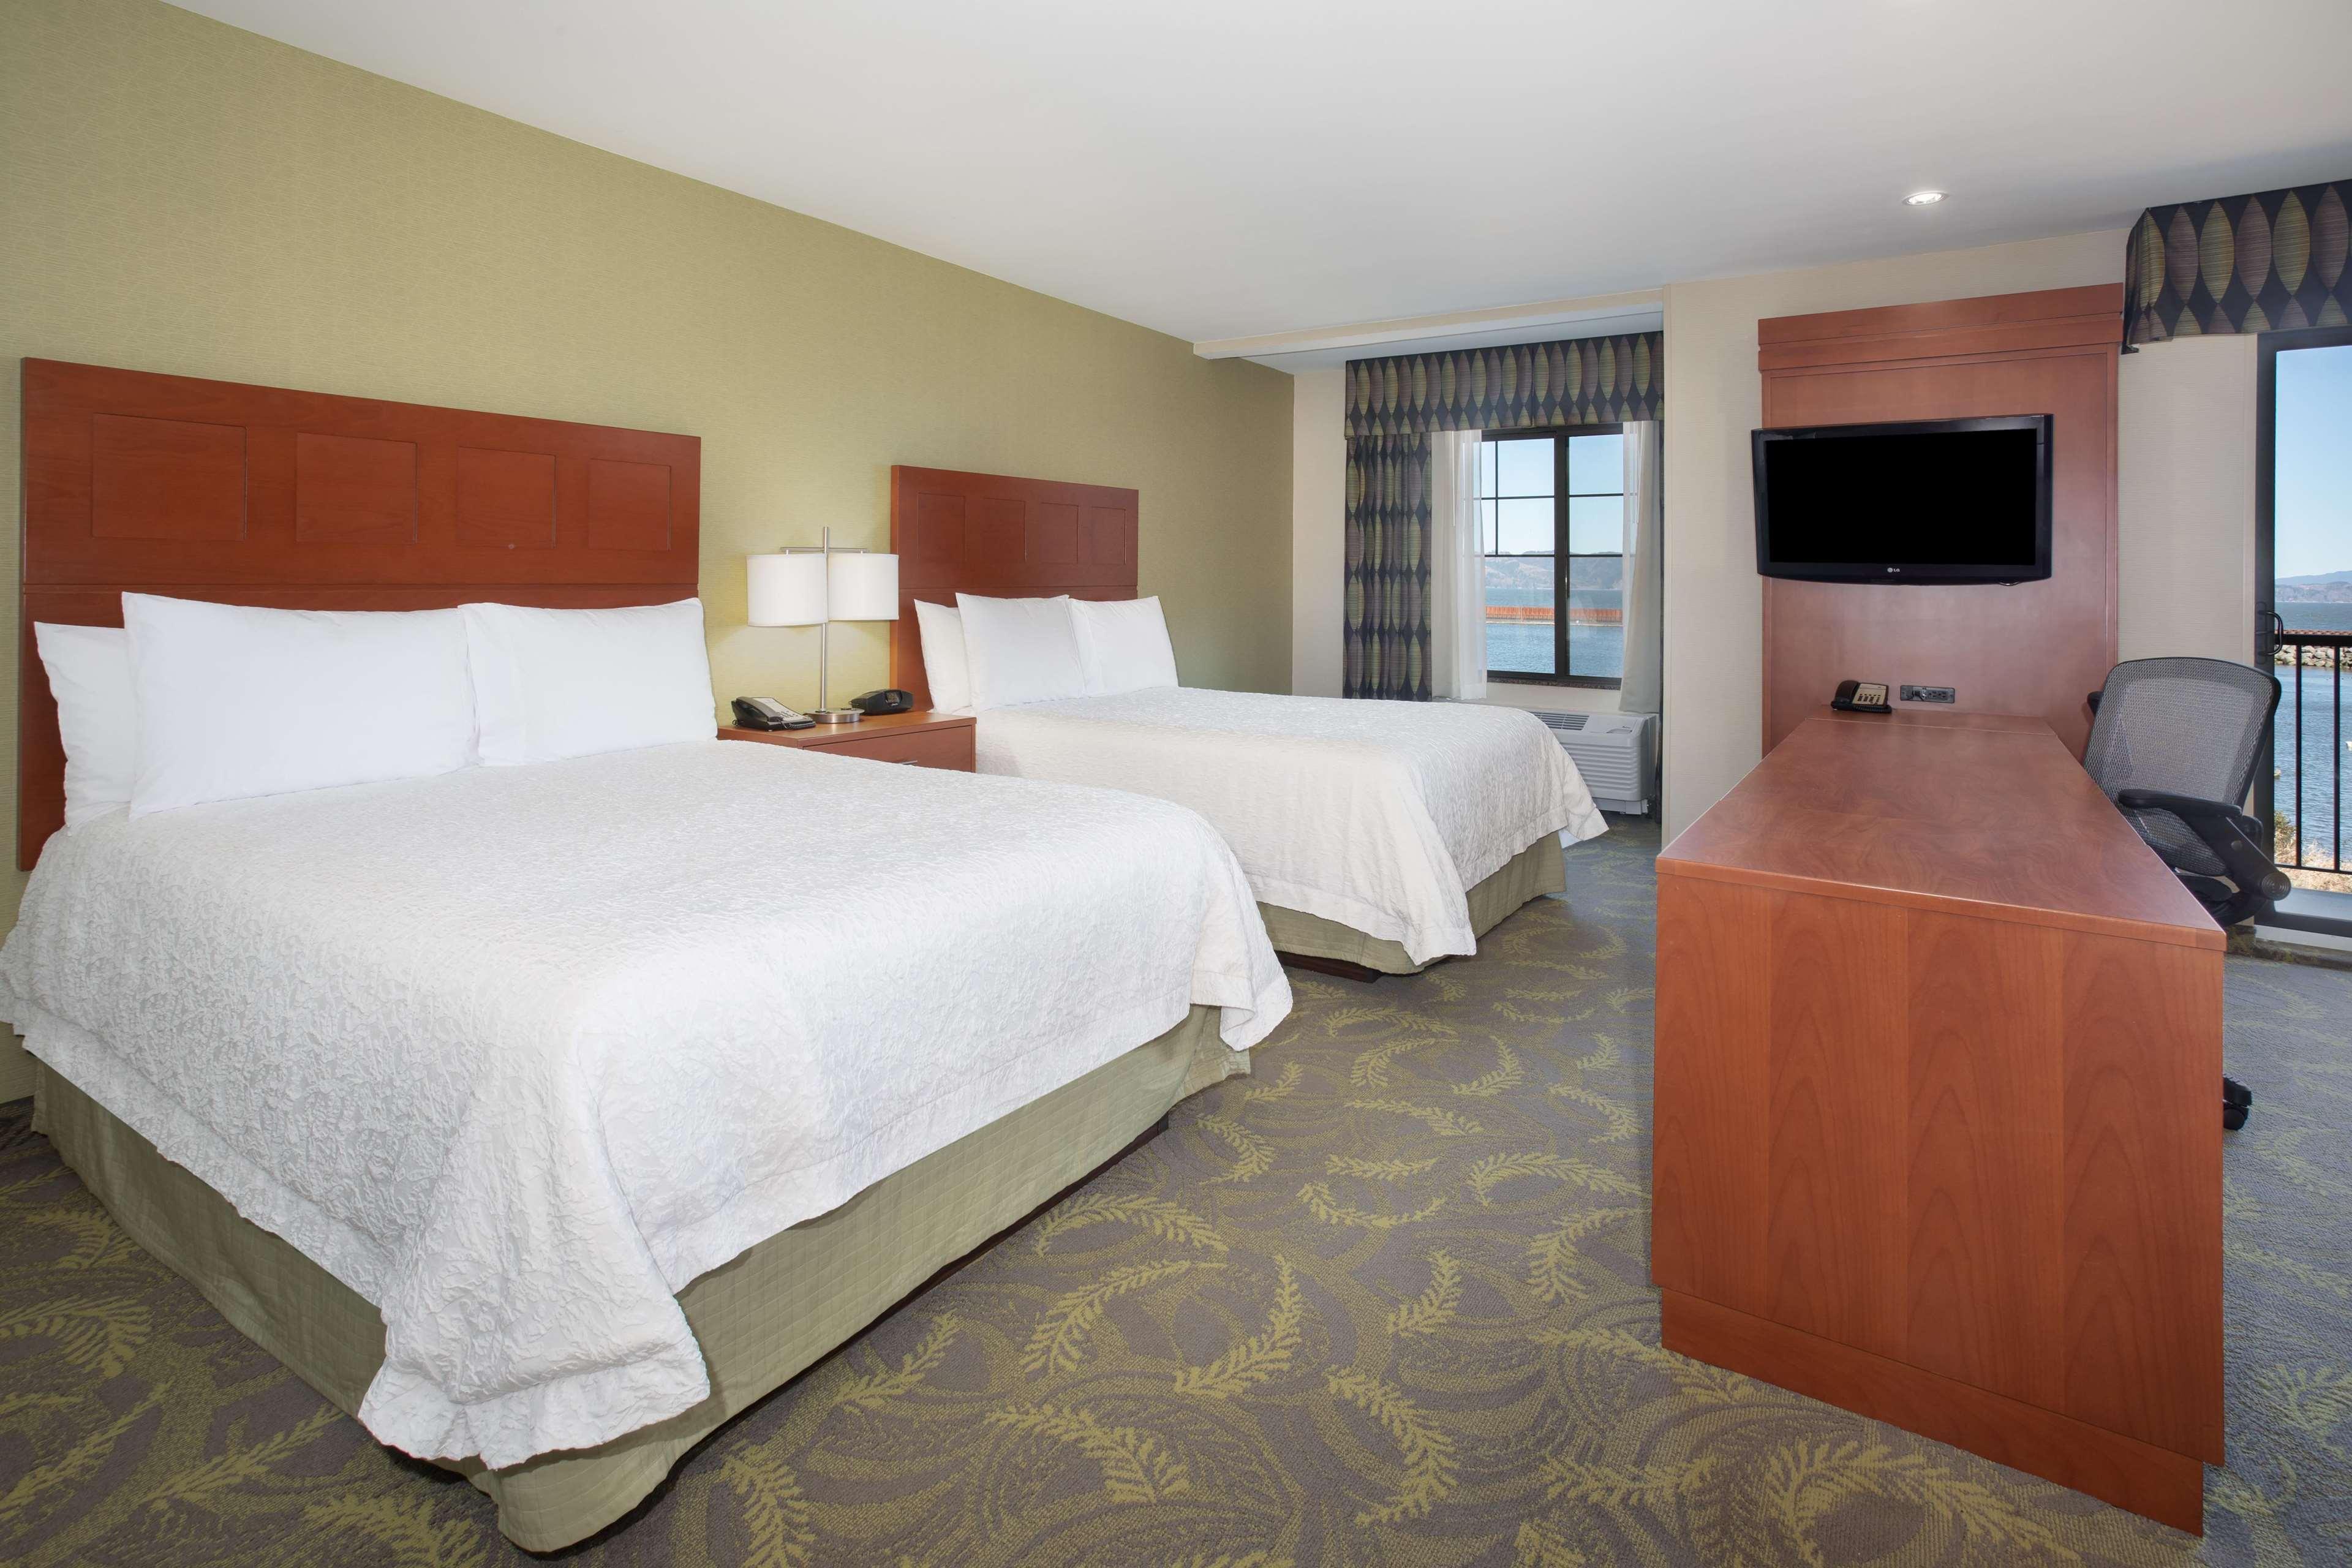 Hampton Inn & Suites Astoria image 57